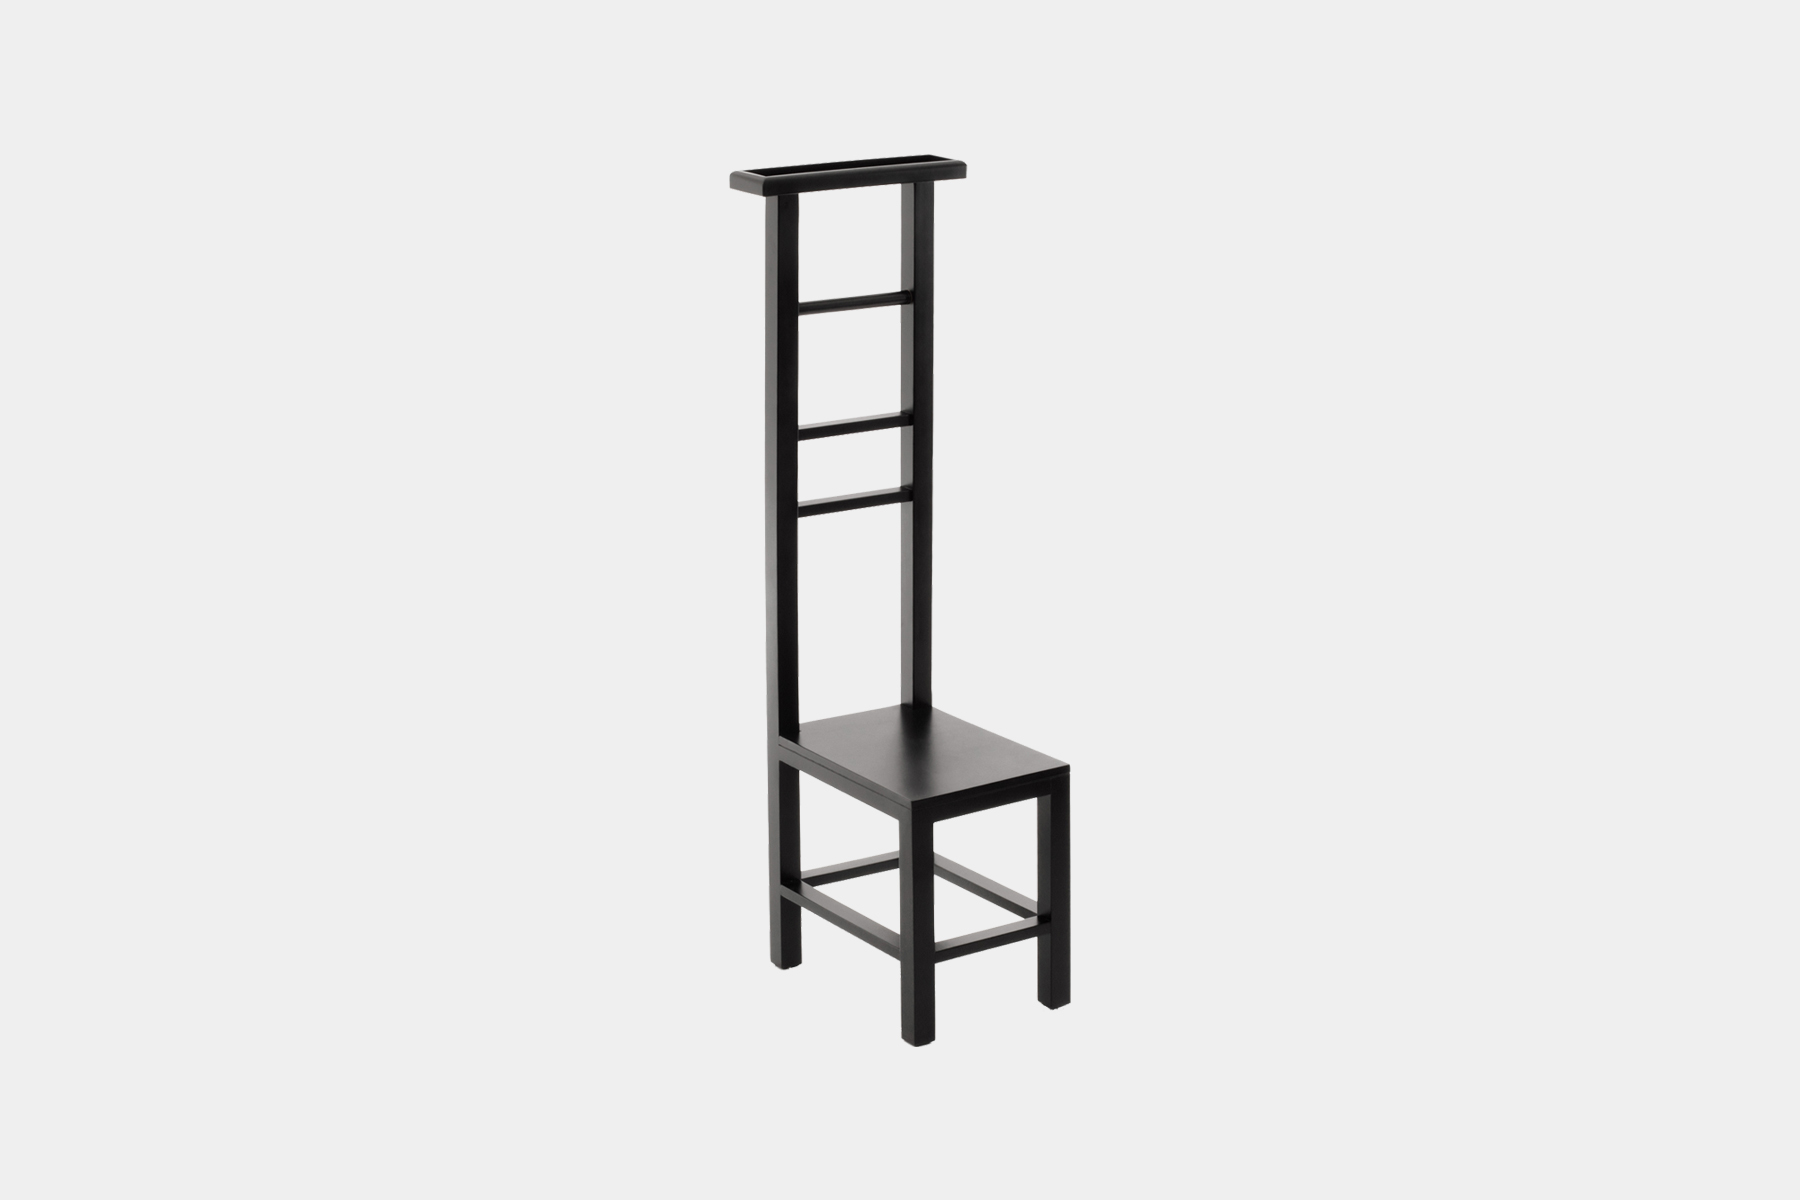 valet de nuit nestor 1 florence watine architecture. Black Bedroom Furniture Sets. Home Design Ideas